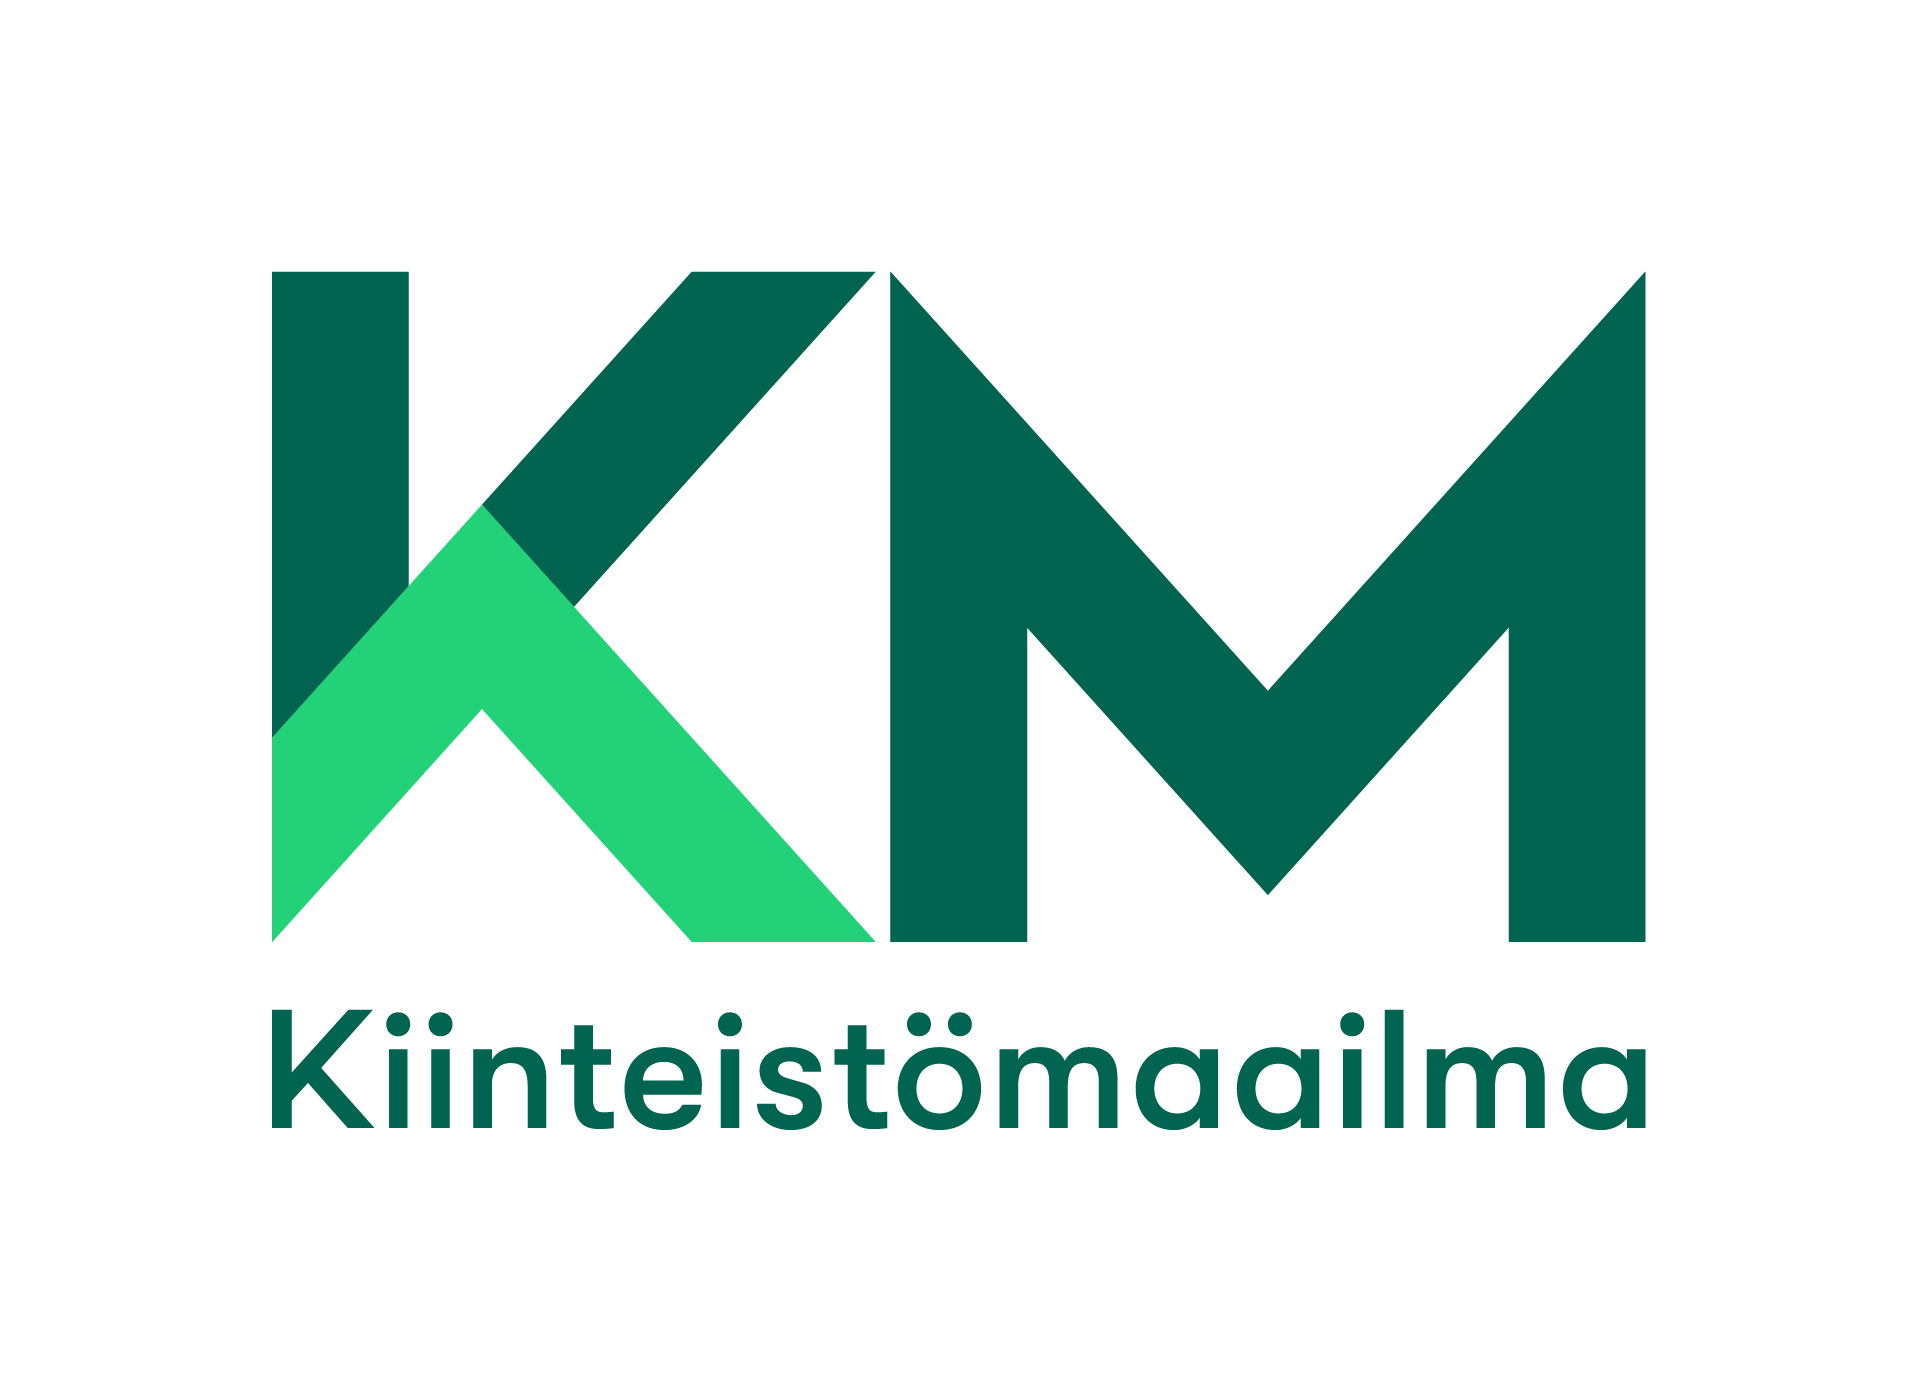 Kiinteistömaailma Oy logo